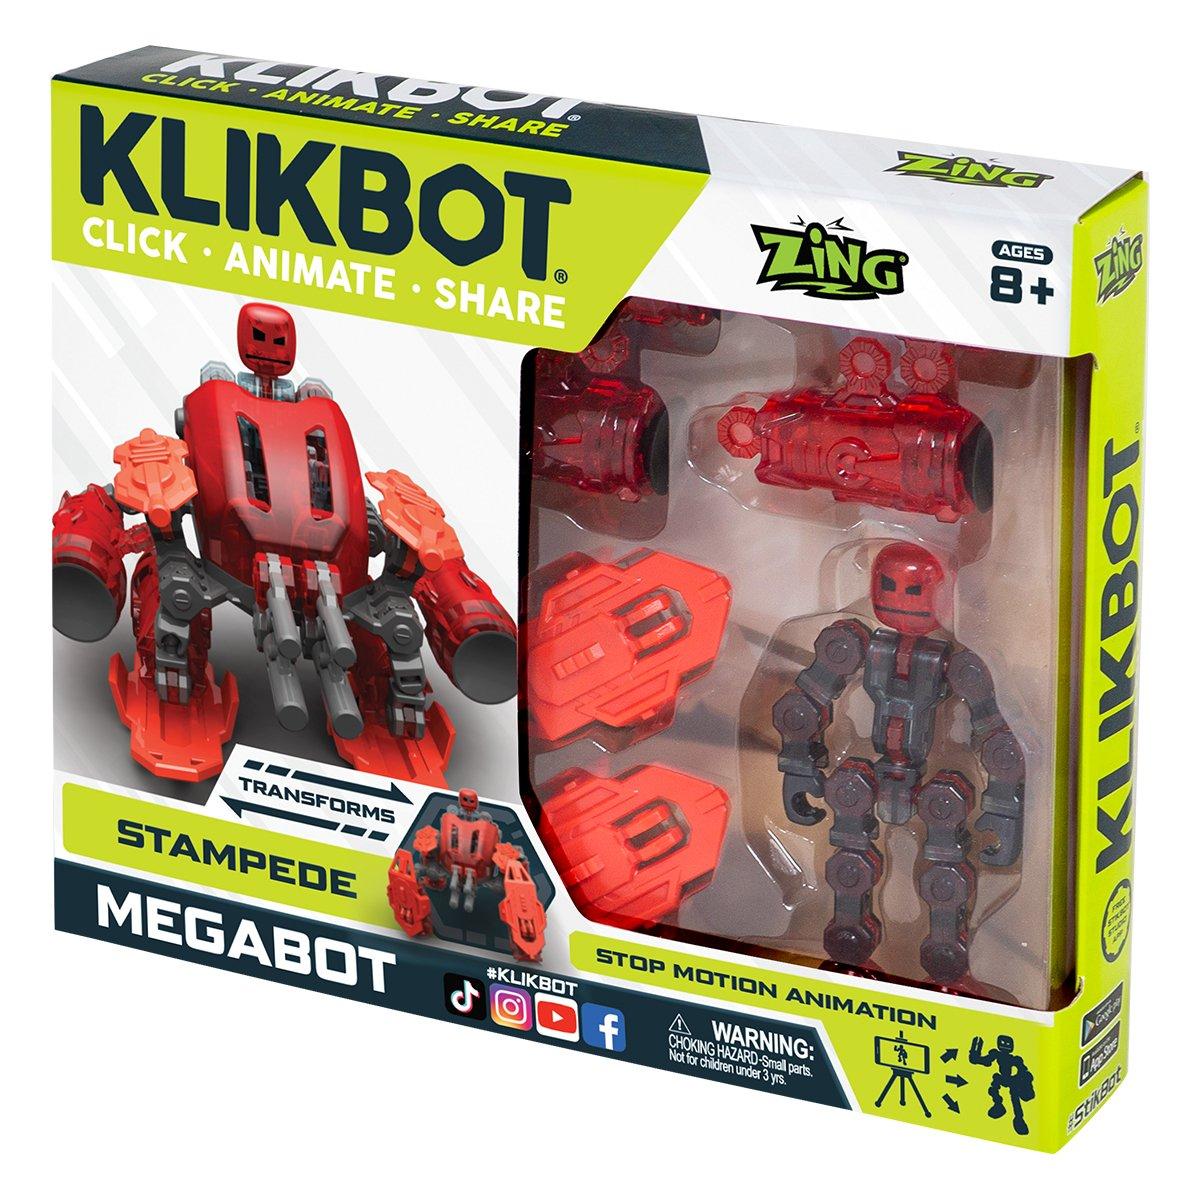 Set Figurina Robot articulat transformabil KlikBot Megabots Stampede, Red